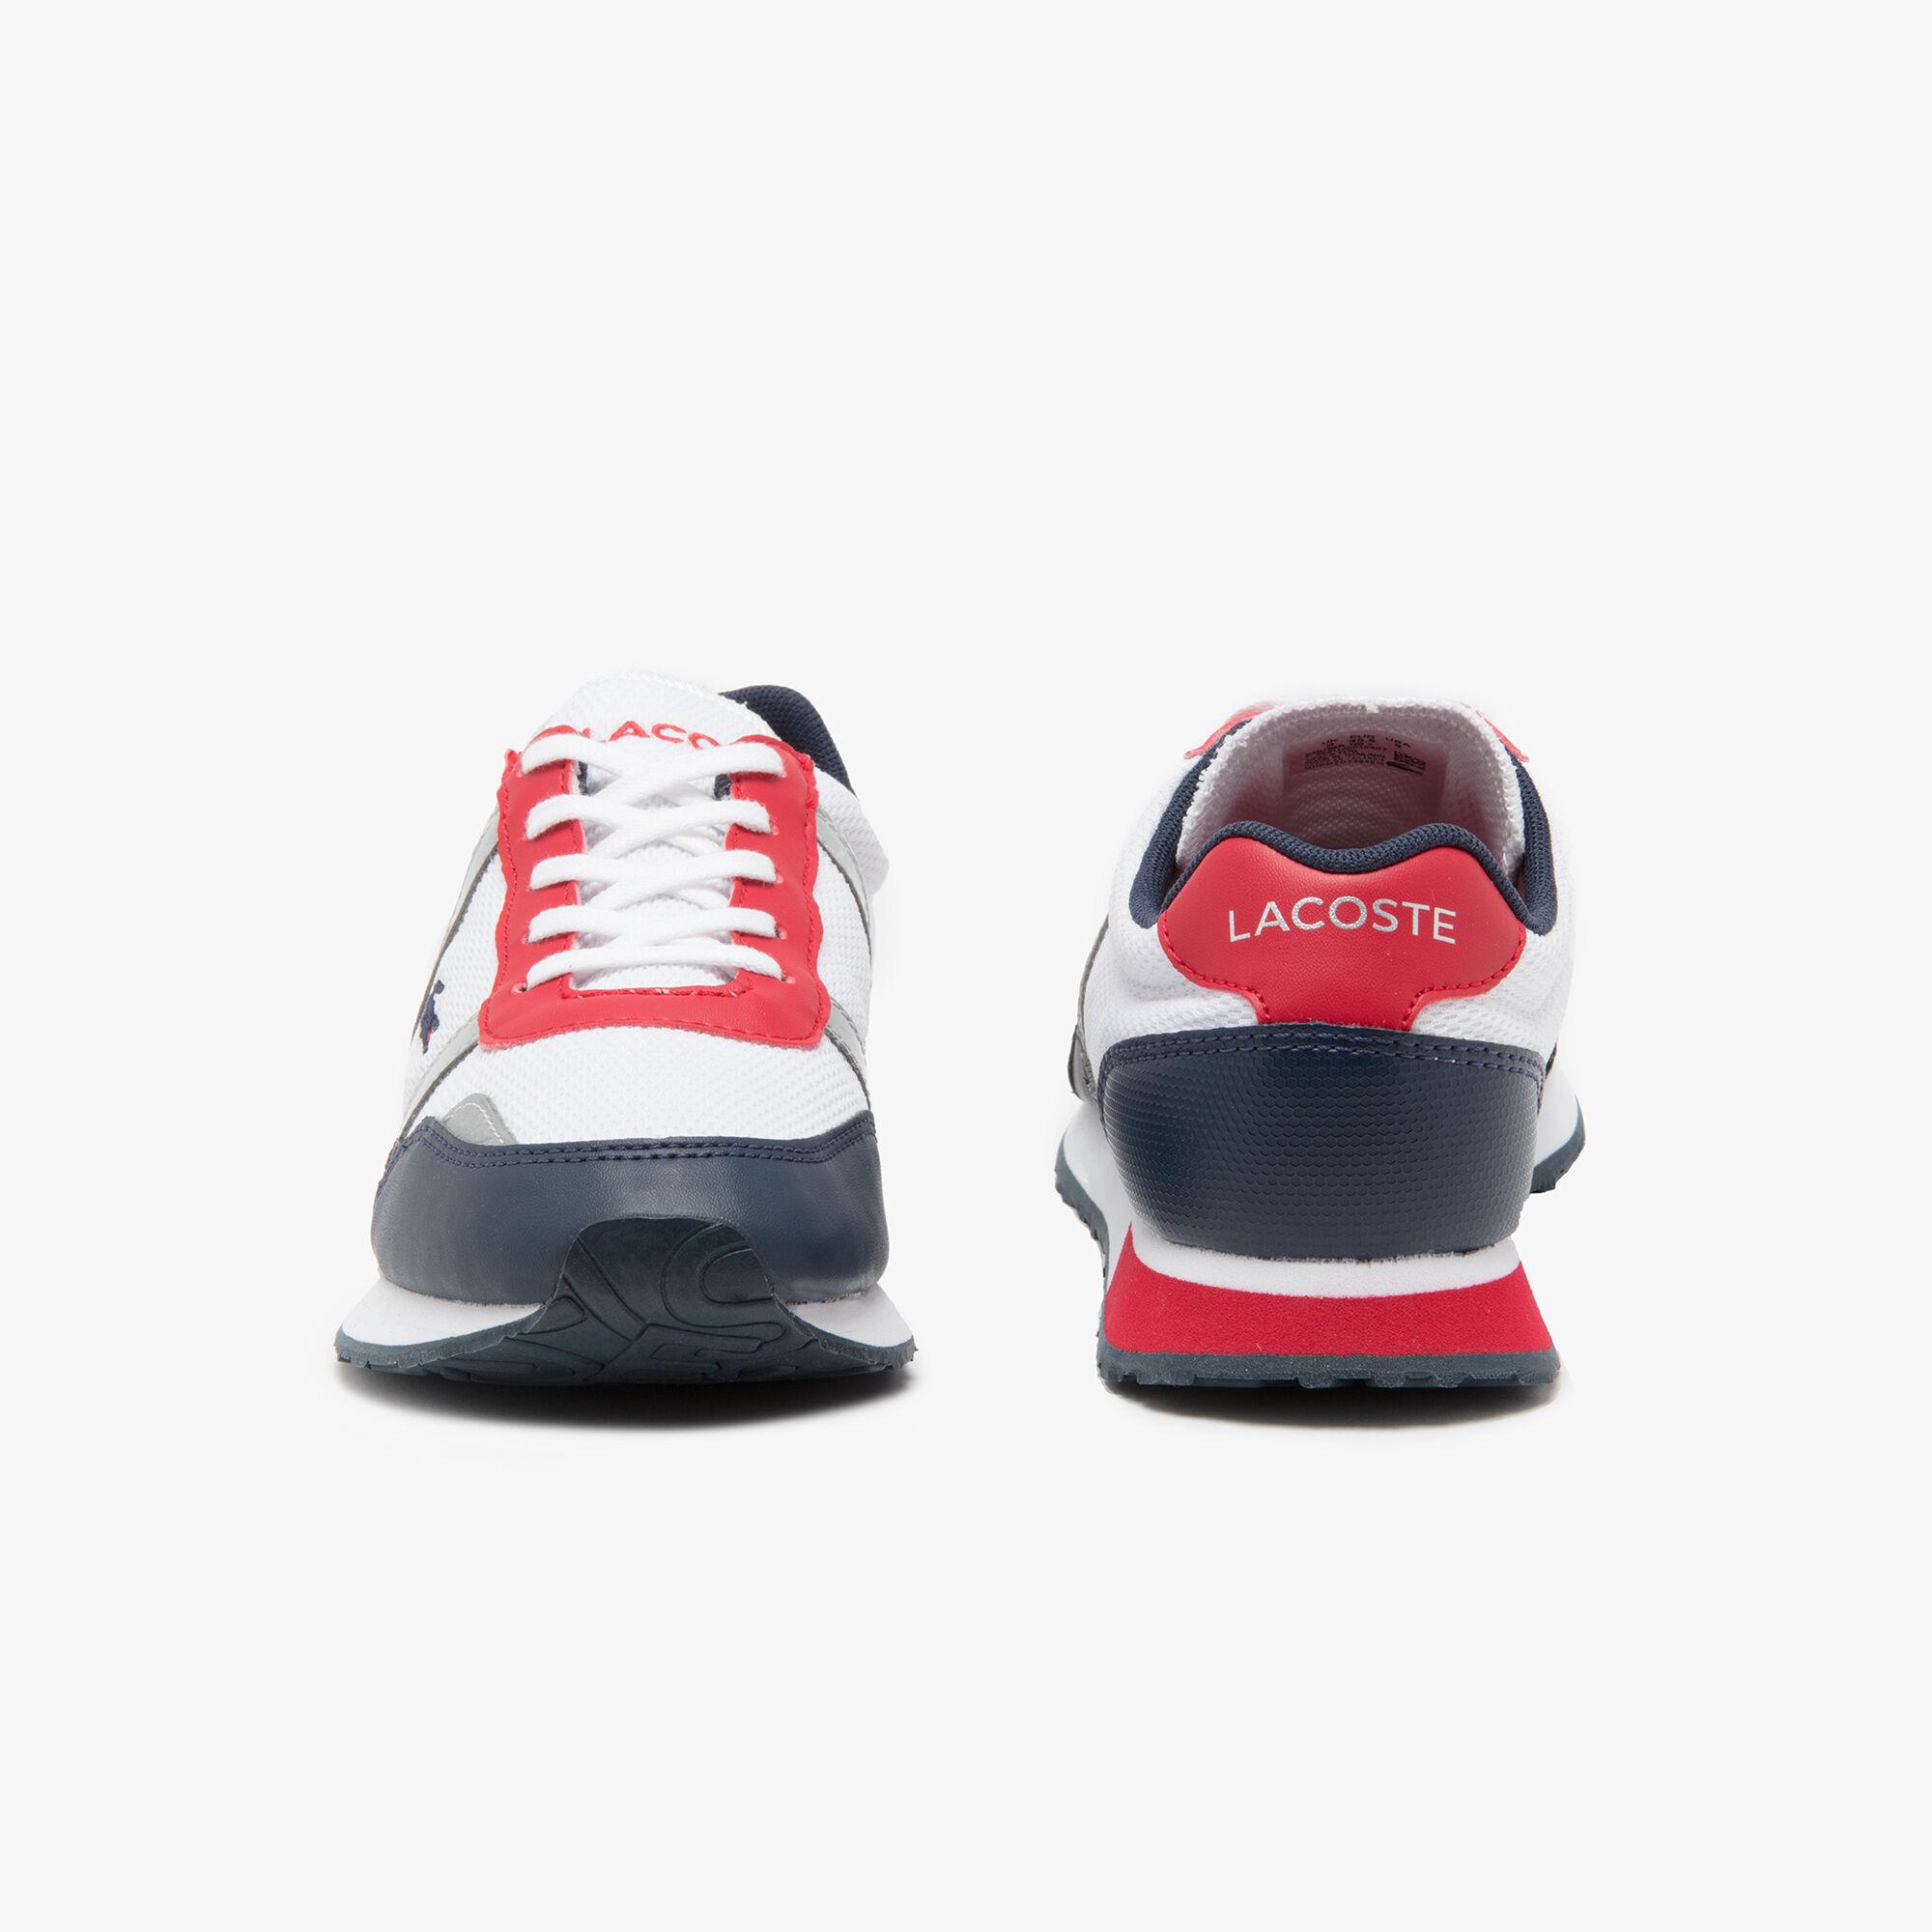 حذاء رياضي للشباب بأربطة من القماش ومواد صناعية